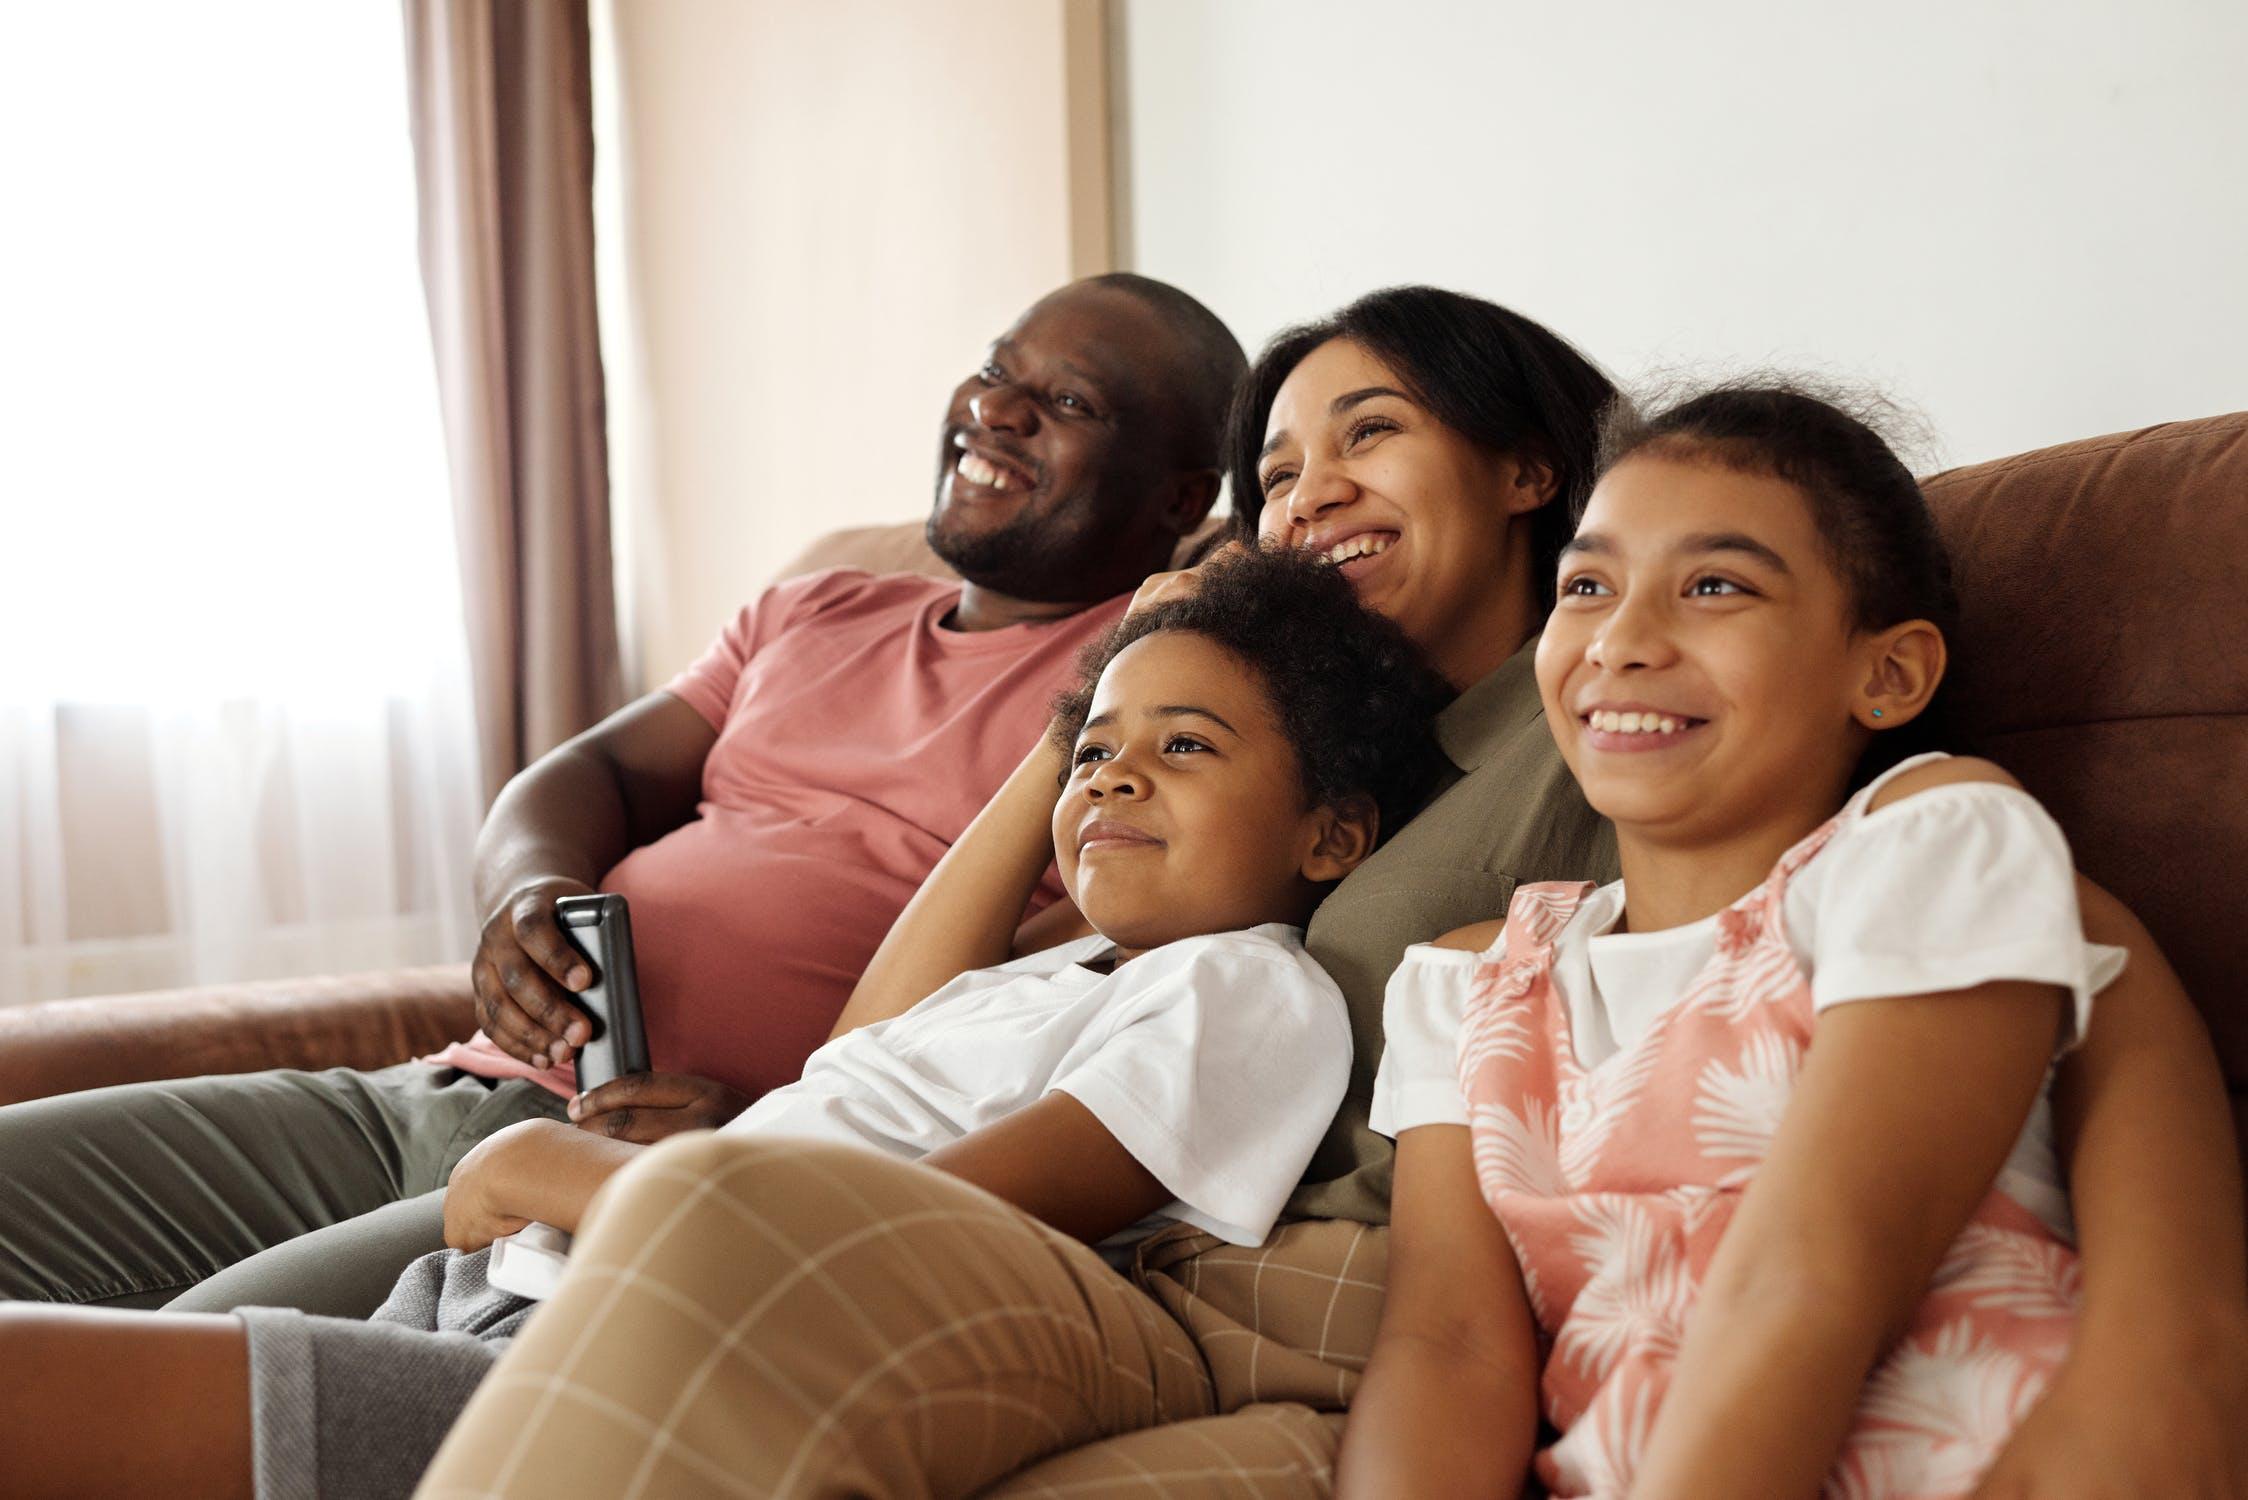 famille regardant la tv